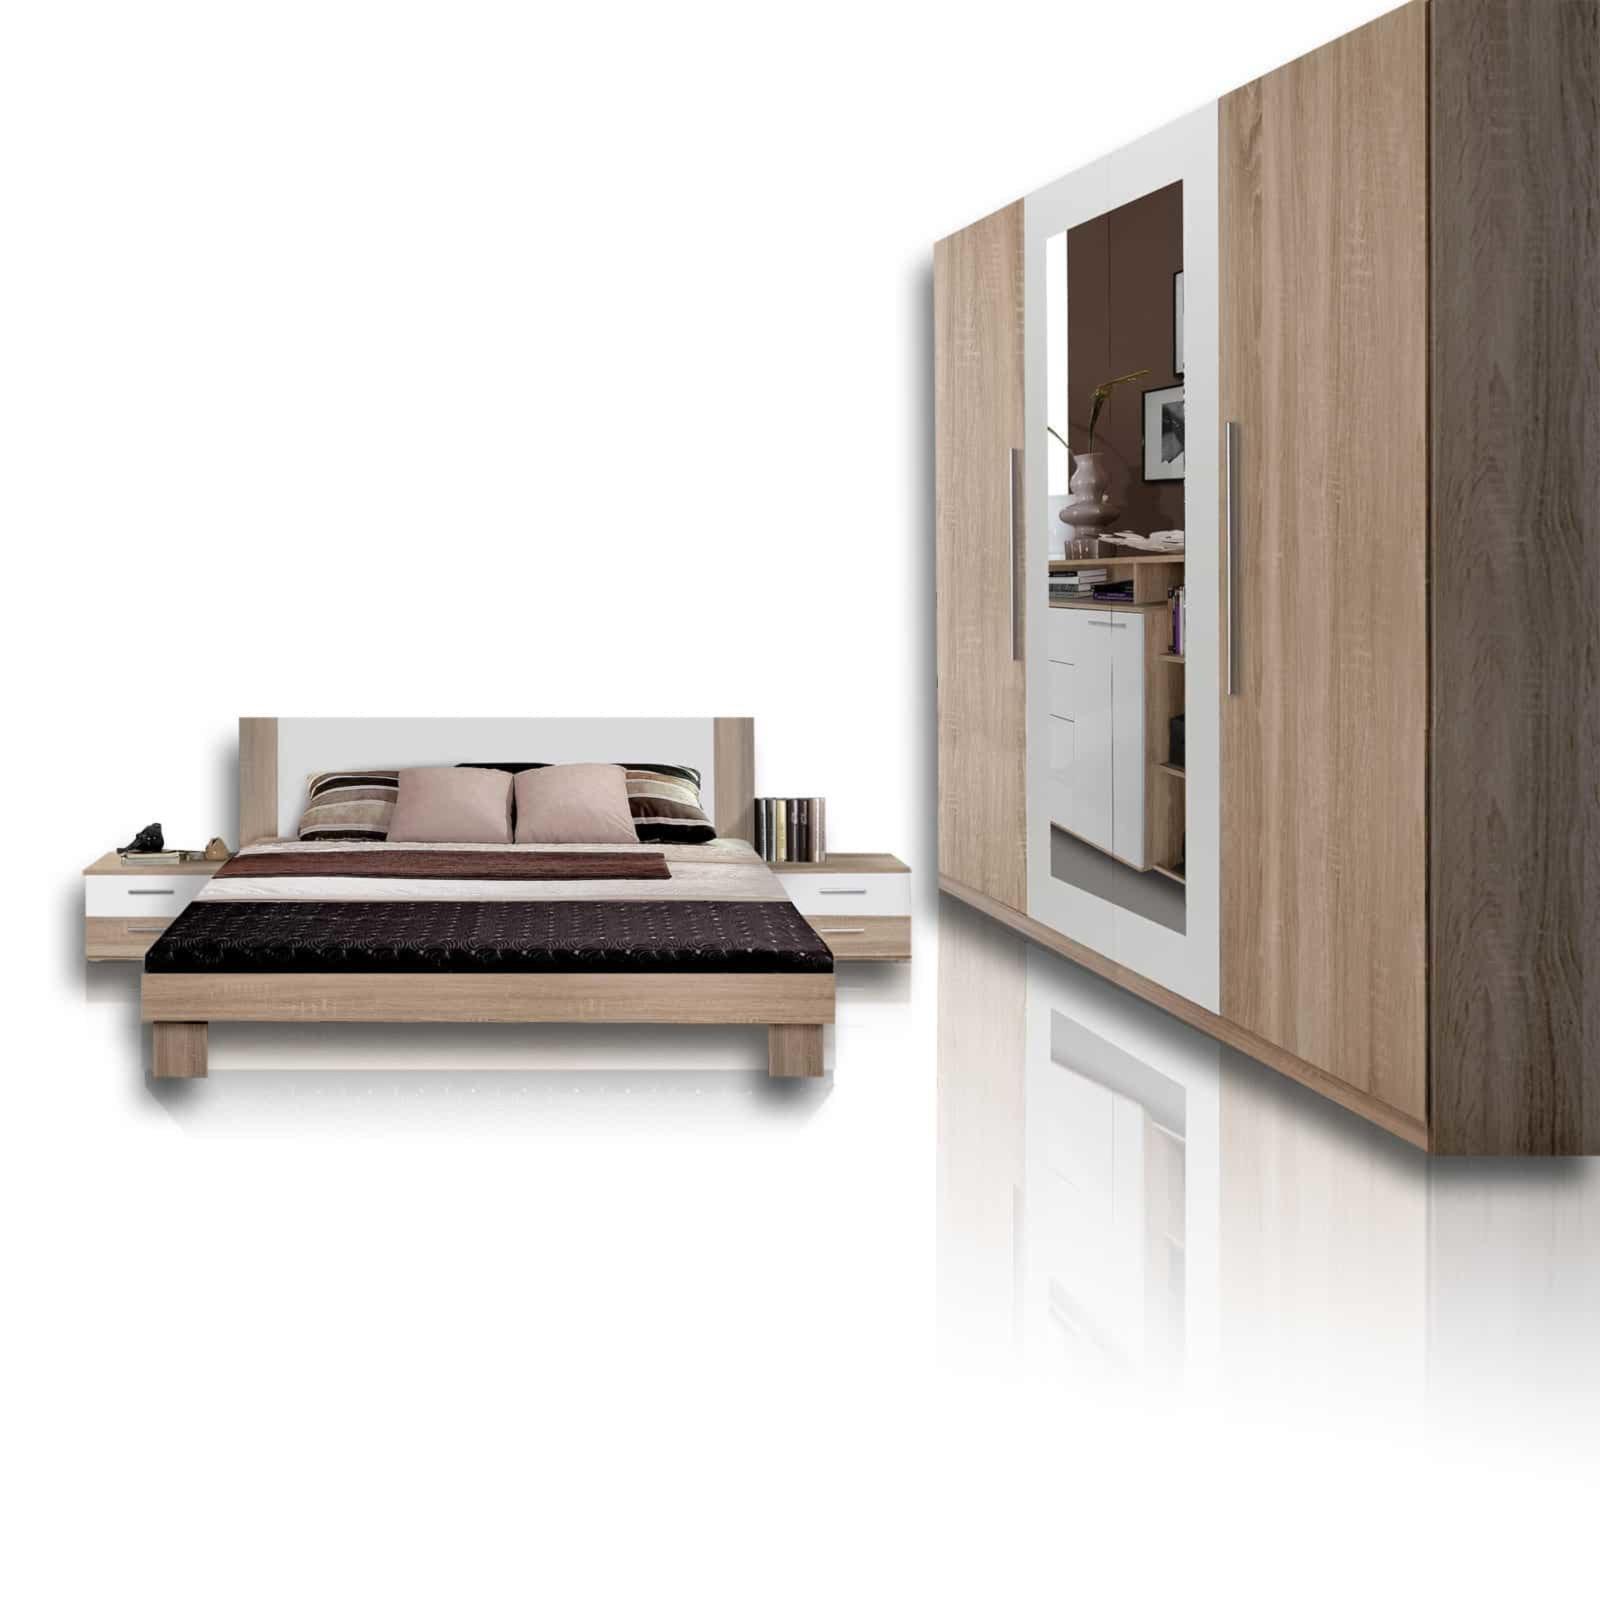 schlafzimmer helen 4 teilig eiche sonoma ebay. Black Bedroom Furniture Sets. Home Design Ideas